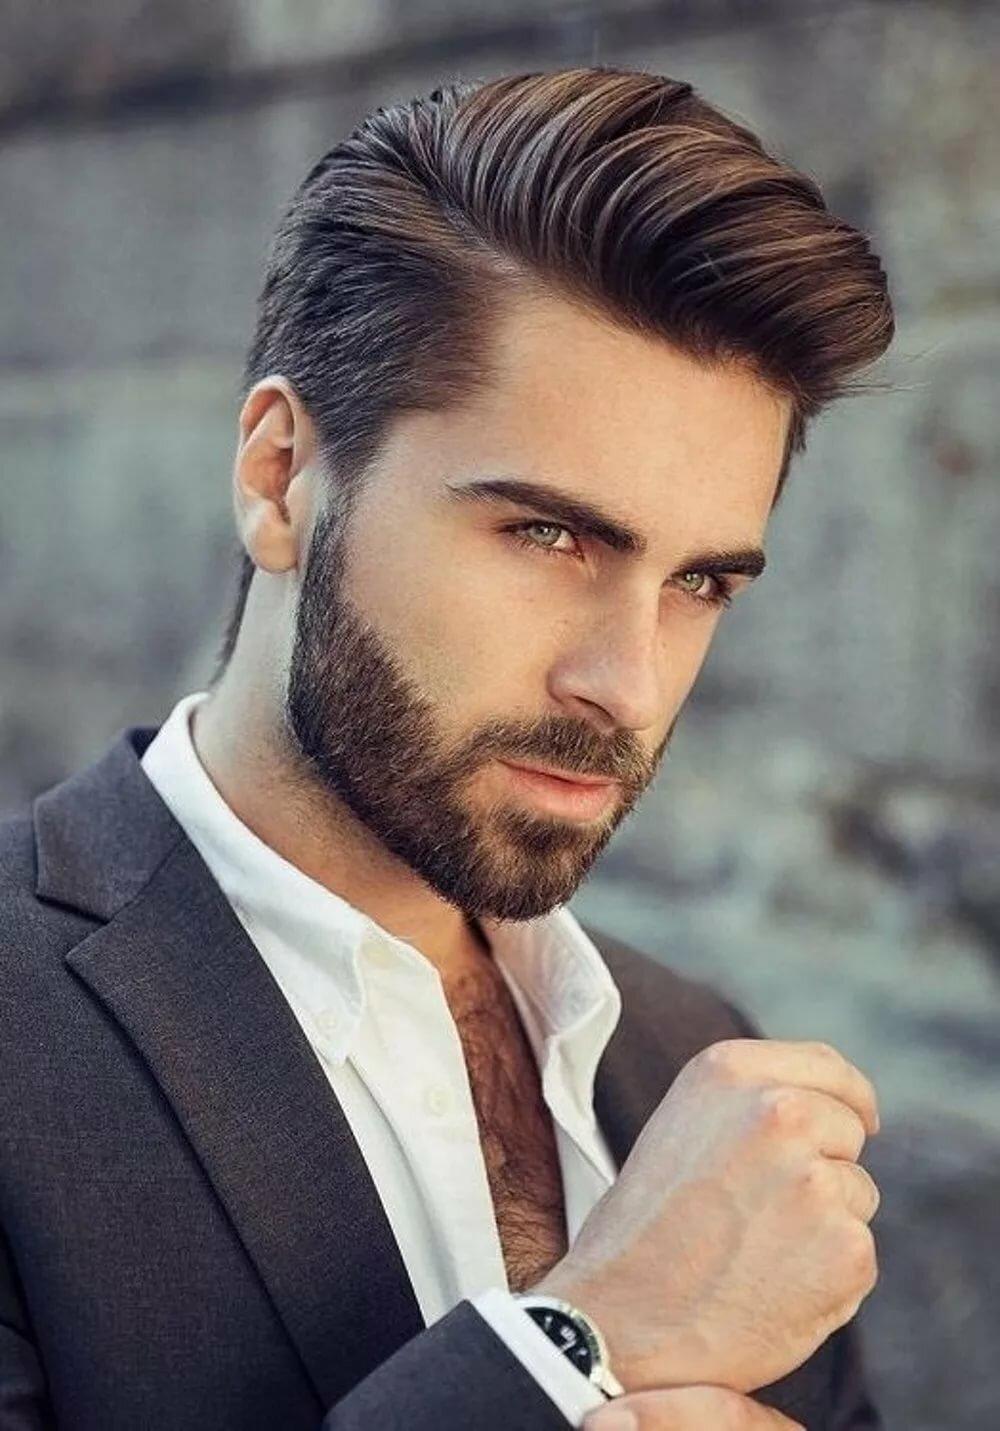 прически волос новинка картинки мужские вот приближается регулярная